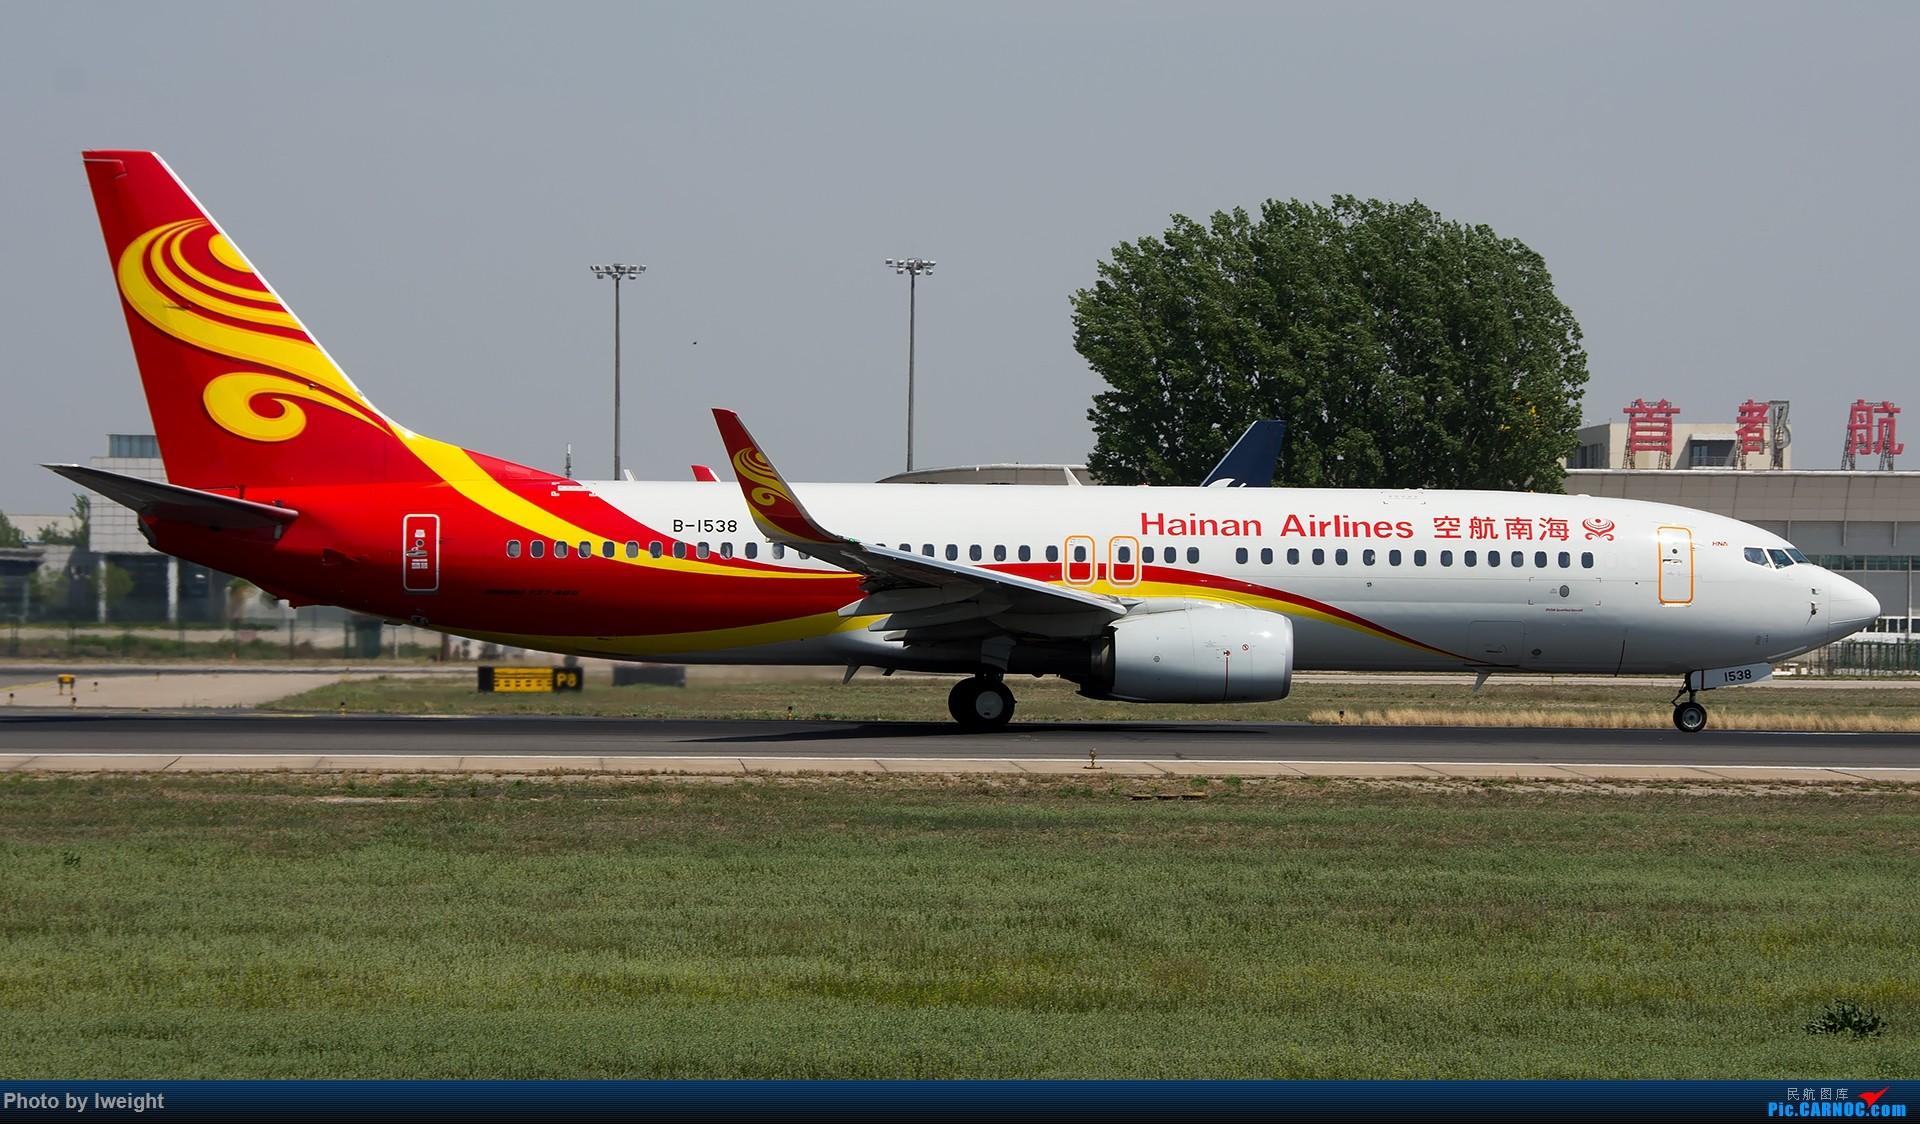 Re:[原创]天气晴朗,继续守候18R【多图】 BOEING 737-800 B-1538 中国北京首都国际机场